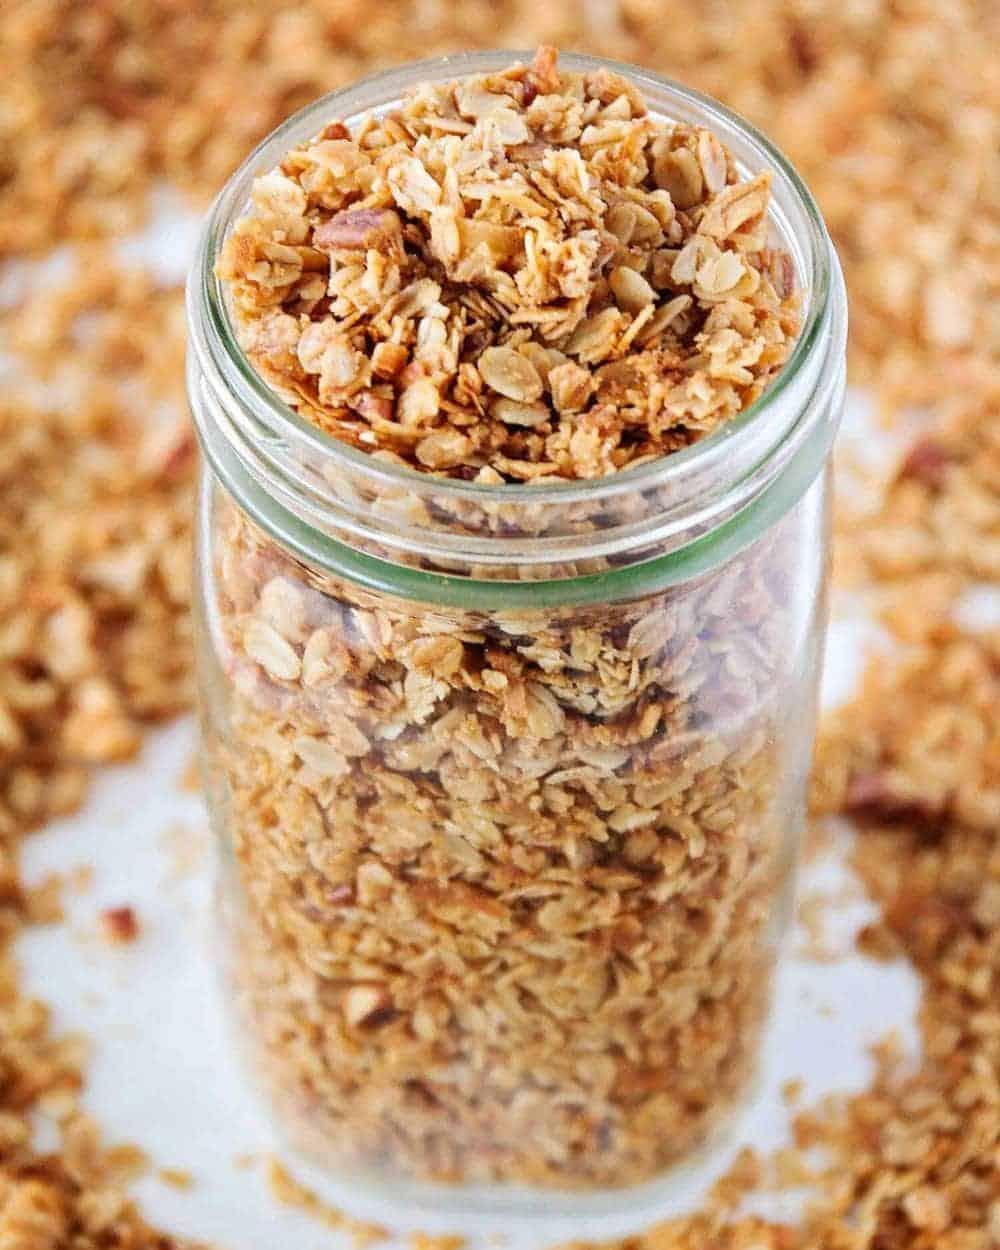 homemade granola in a glass mason jar